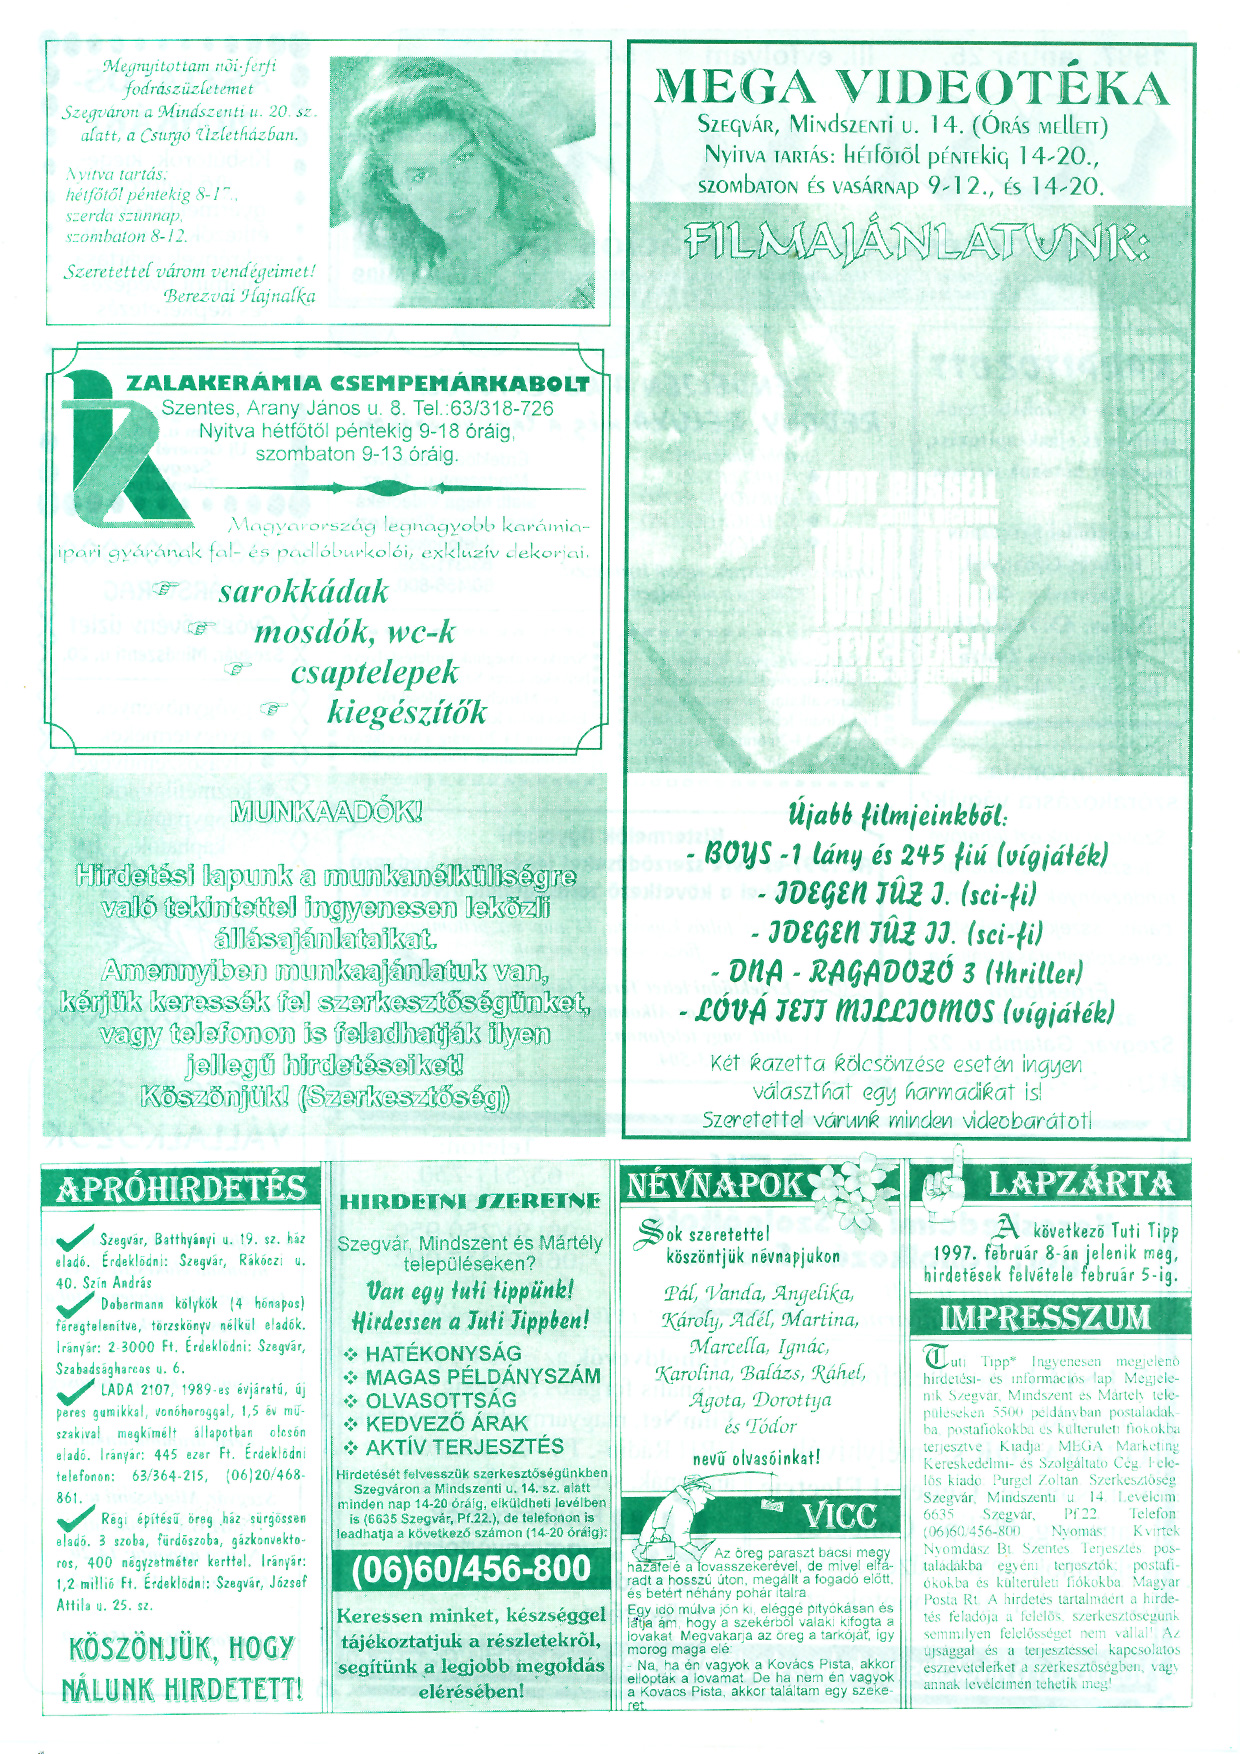 002 Tuti Tipp reklámújság - 19970125-054. lapszám - 2.oldal - III. évfolyam.jpg